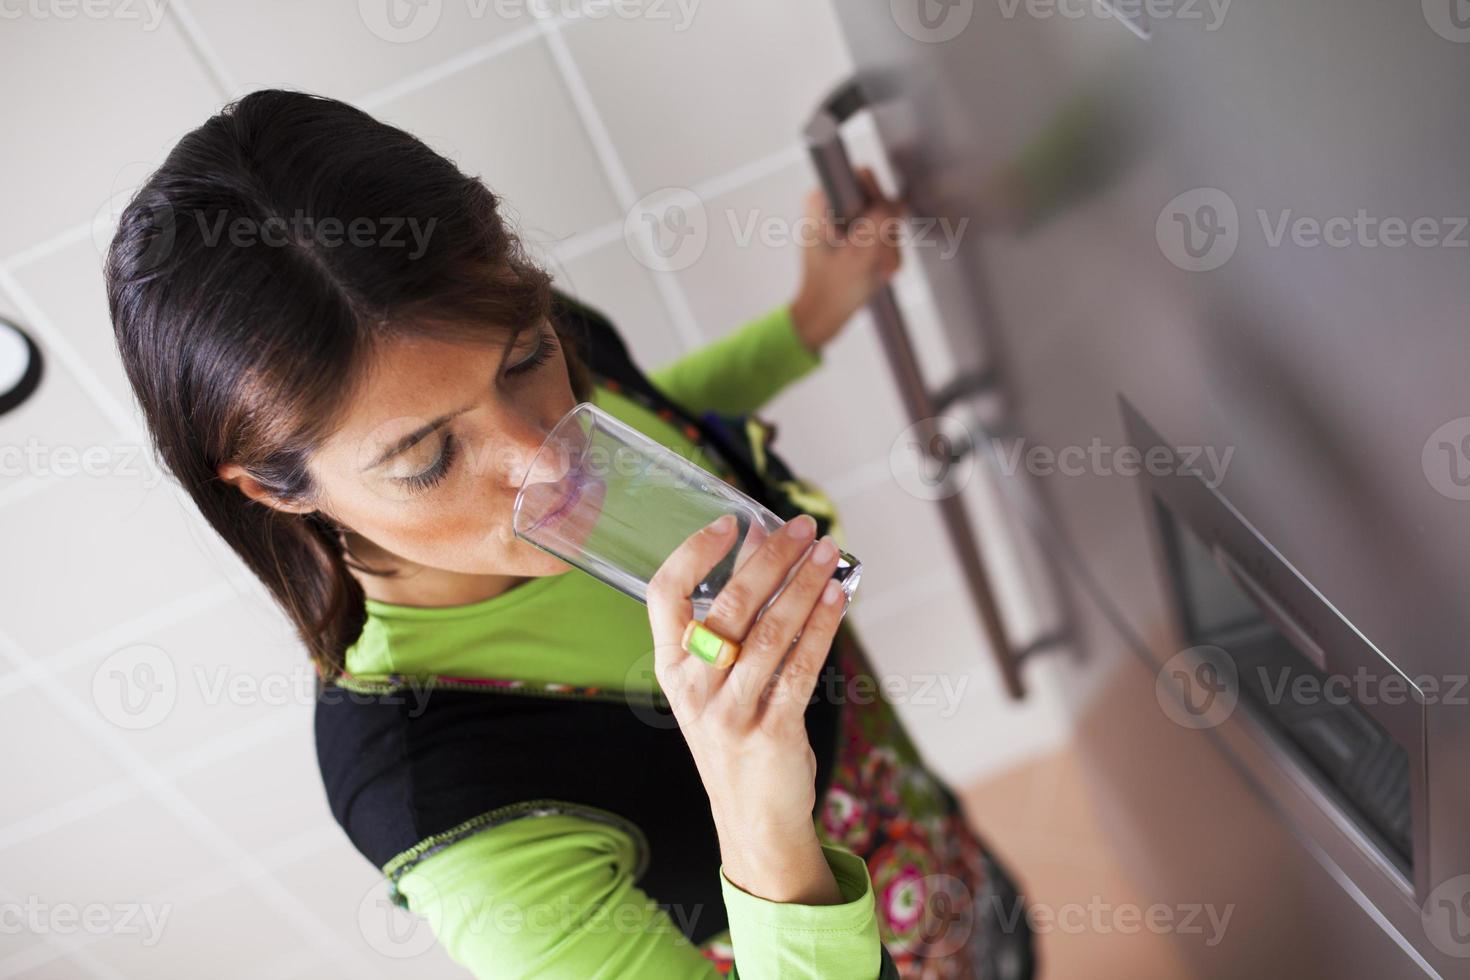 femme buvant de l'eau douce photo